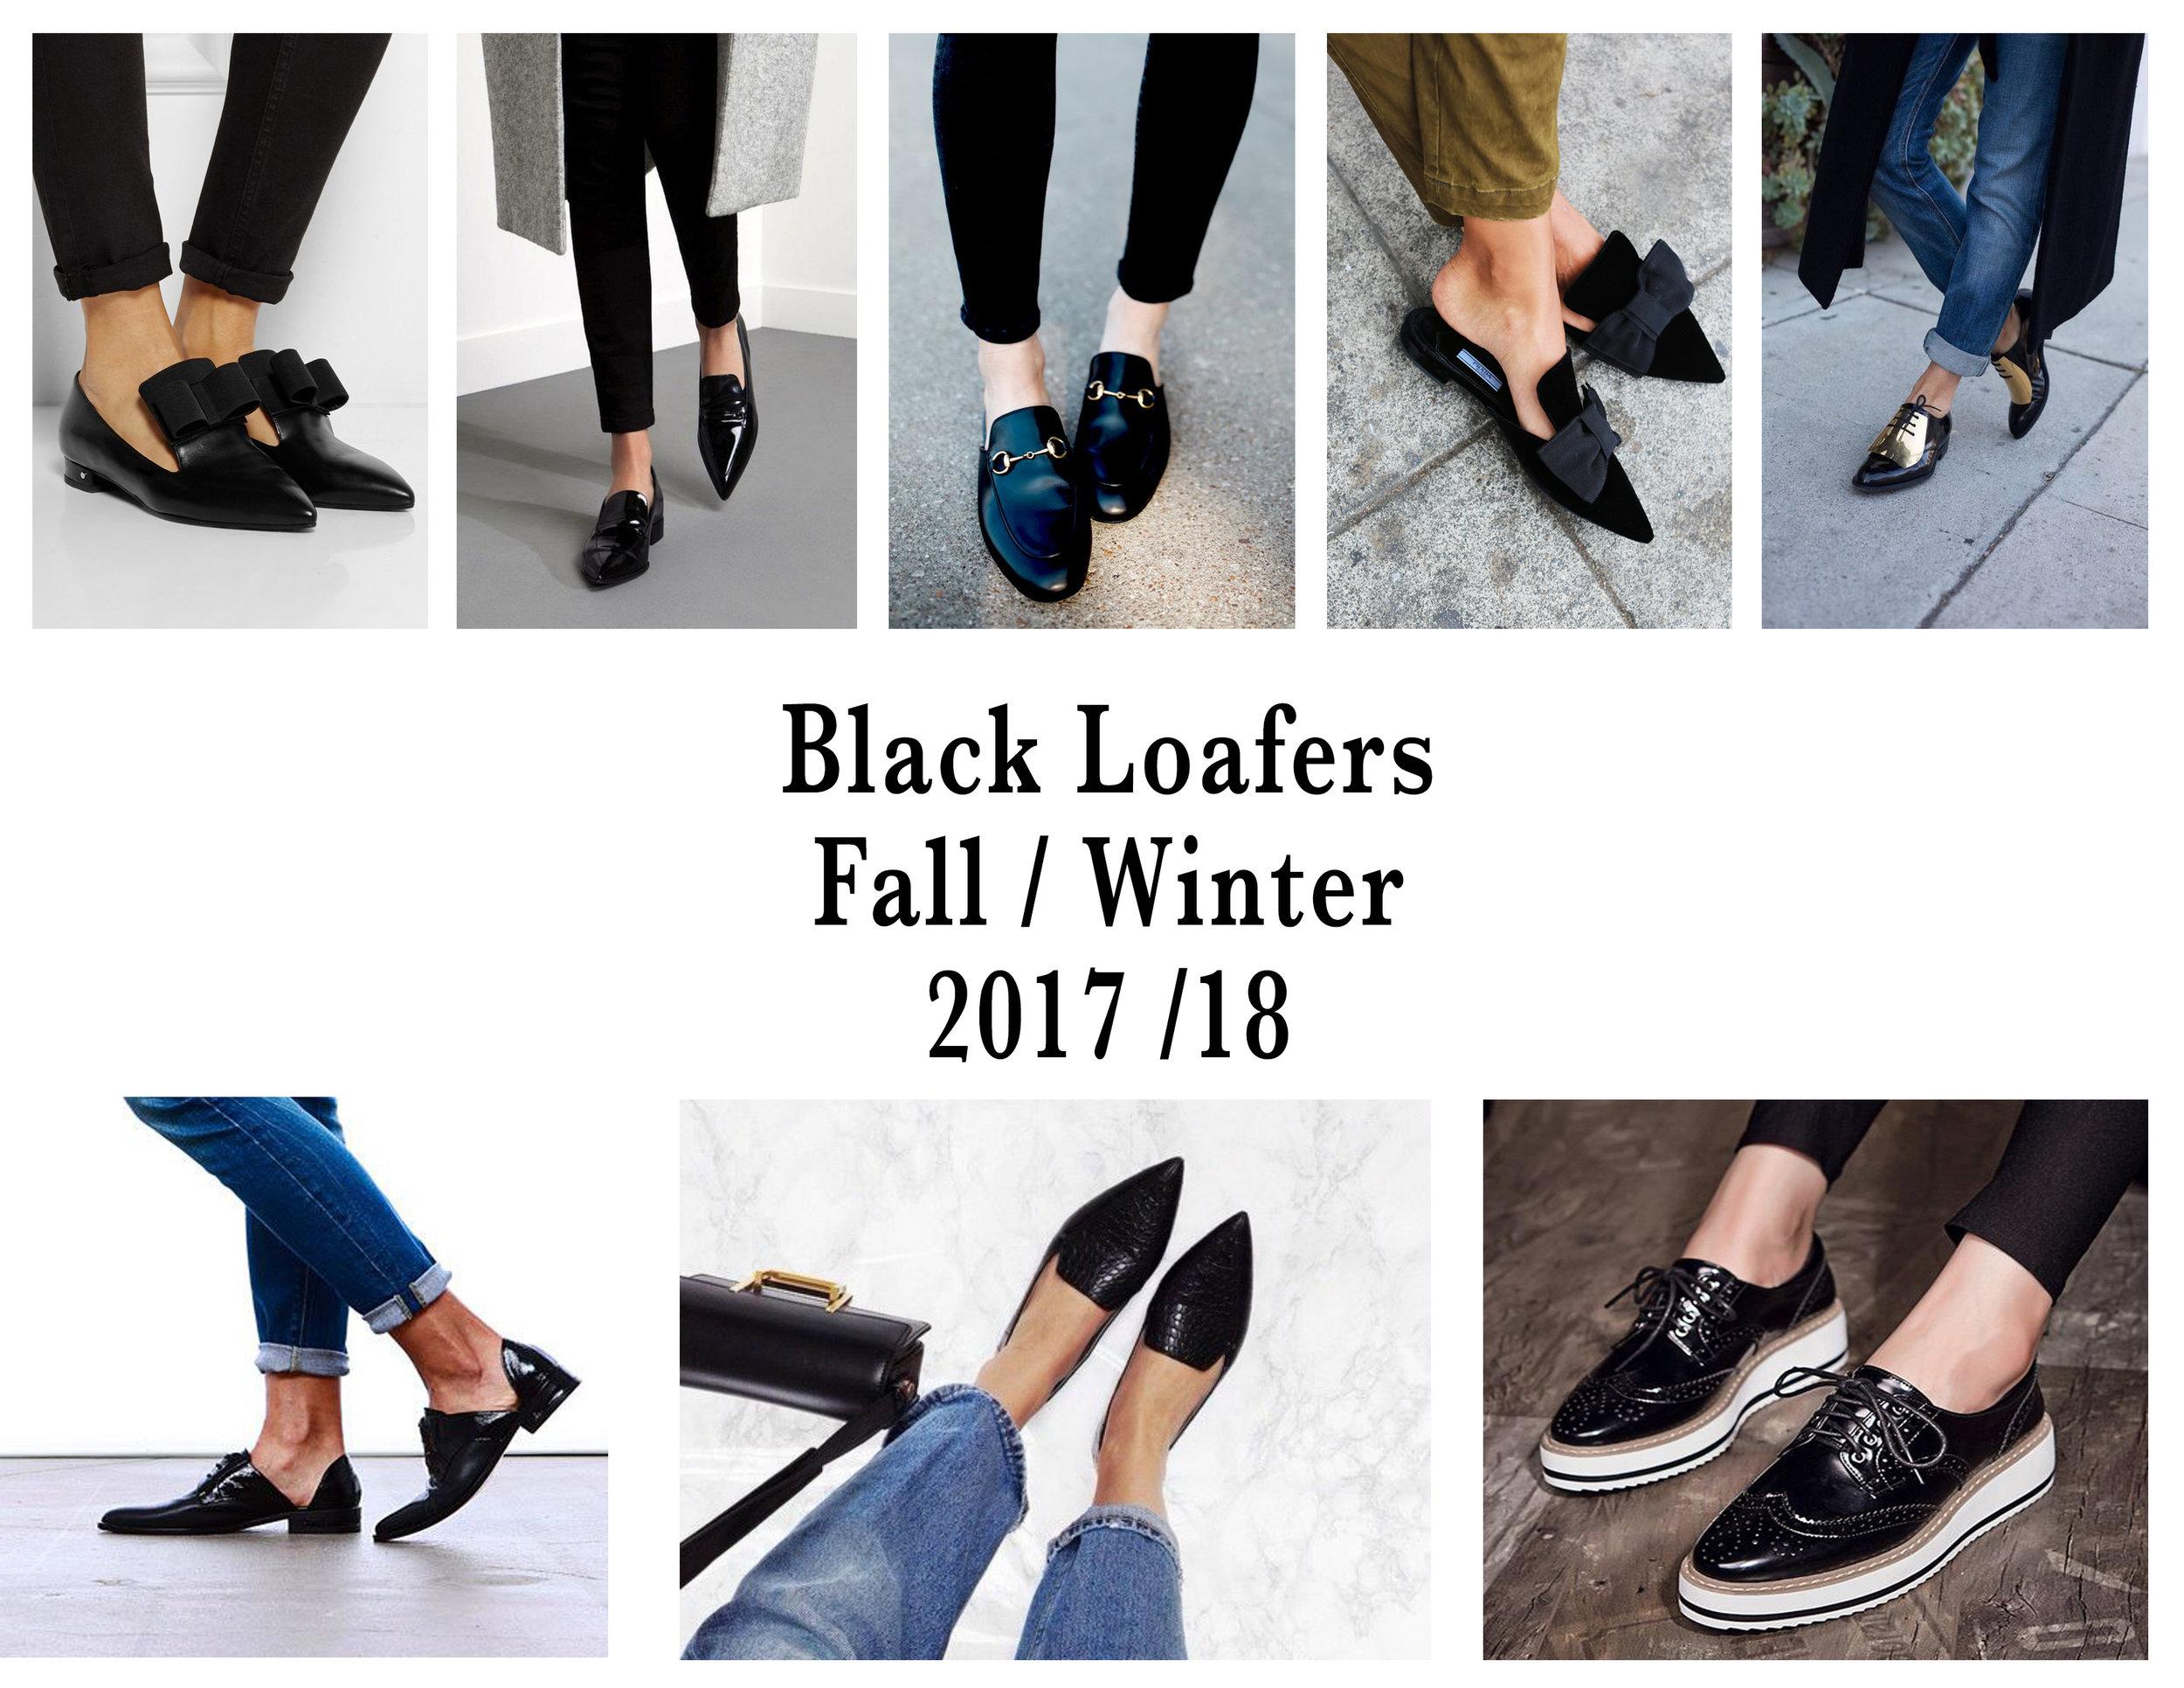 Black_Loafers.jpg